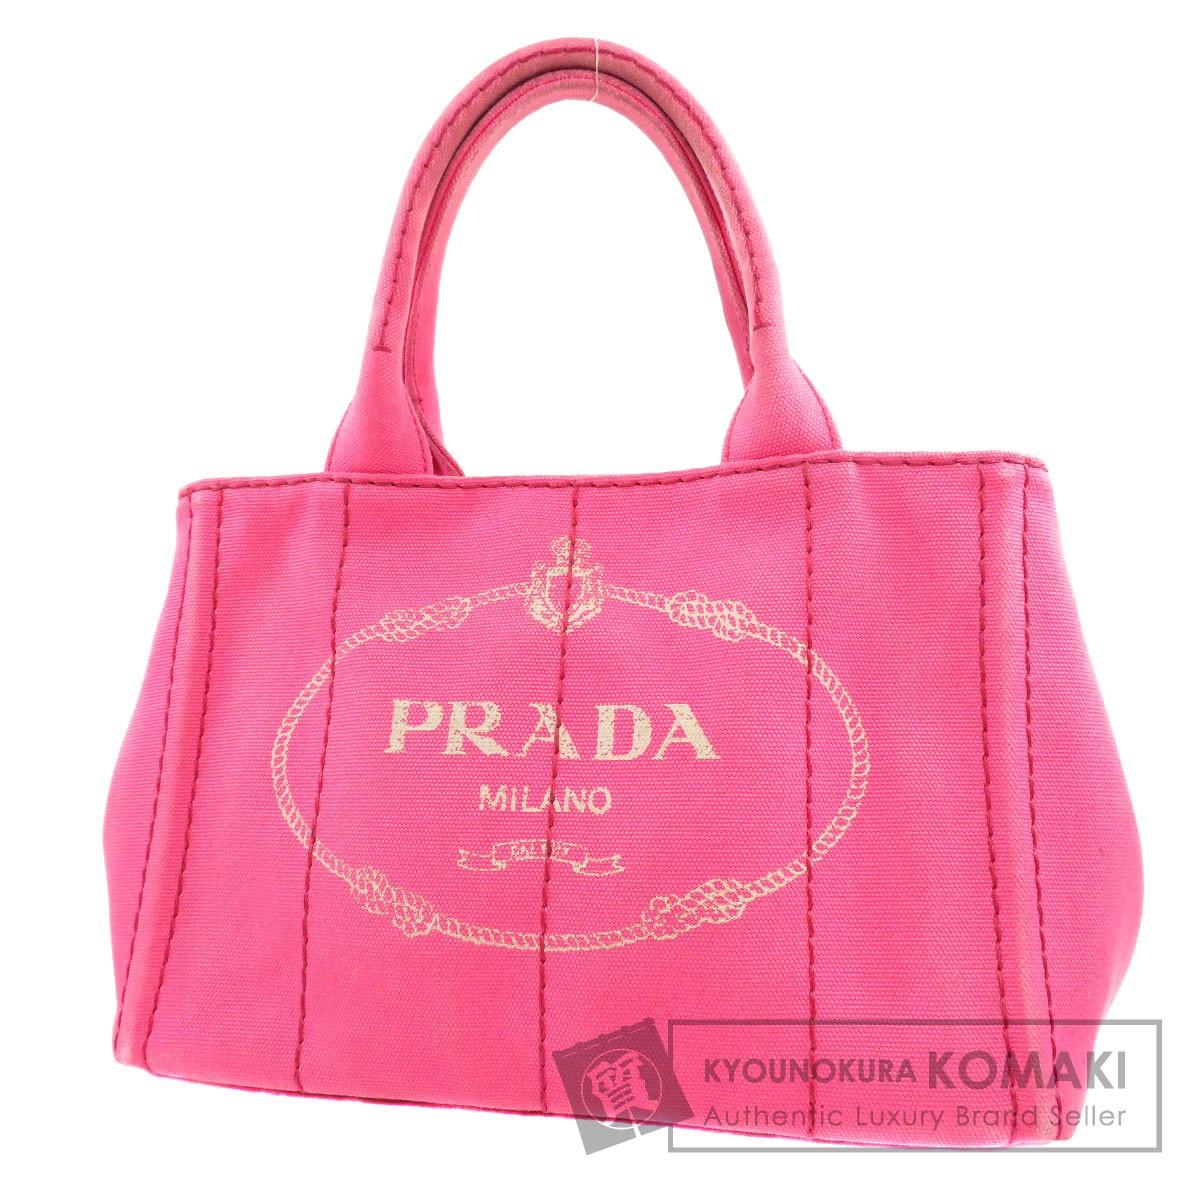 PRADA カナパミニ 2WAY ハンドバッグ キャンバス レディース 【中古】【プラダ】